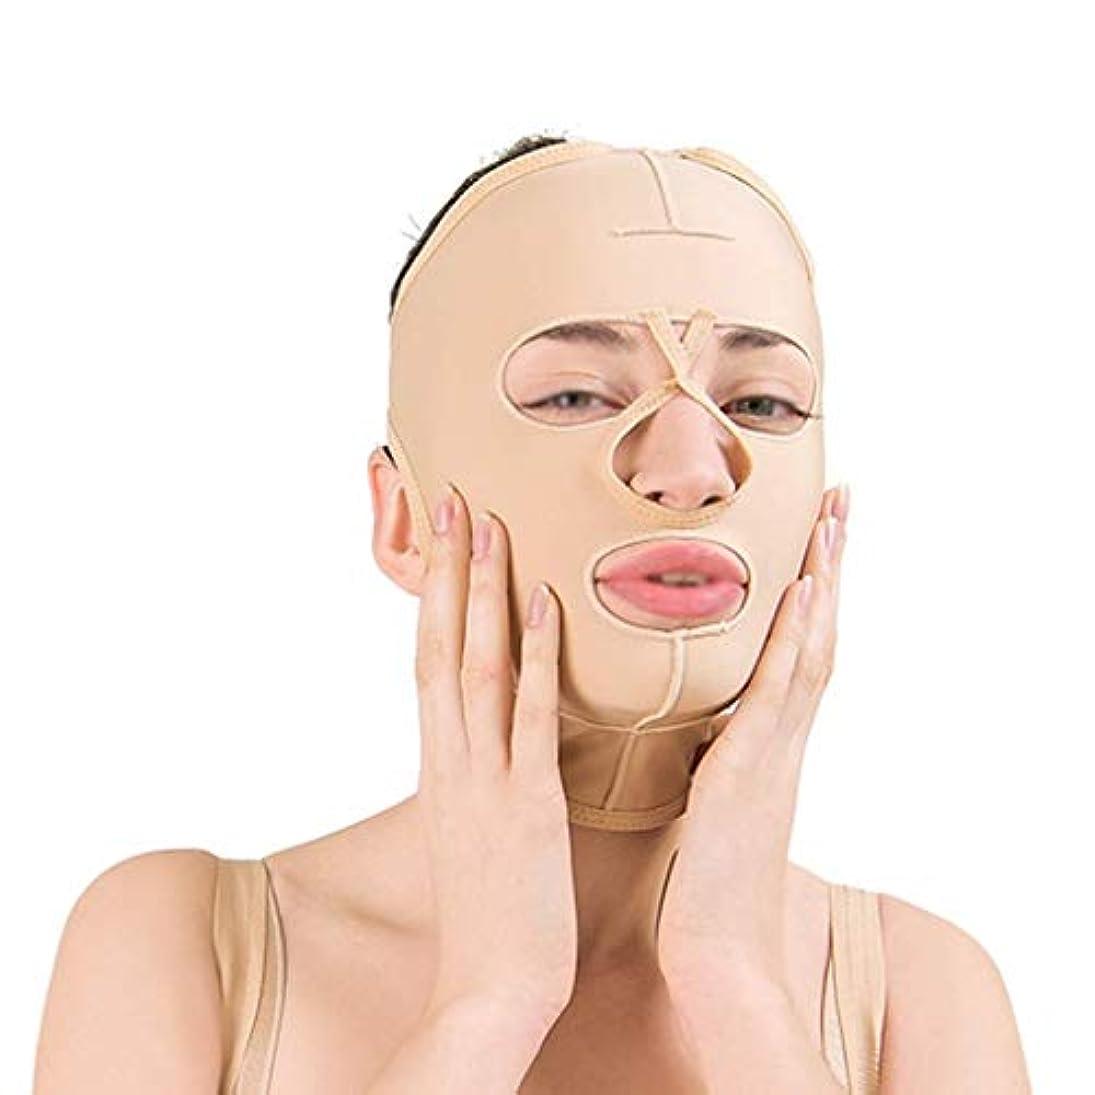 サラダ物理的な煩わしいフェイススリミングマスク、フェイスバンデージ付きフェイシャル減量マスク、通気性フェイスリフト、引き締め、フェイスリフティング(サイズ:L),XL